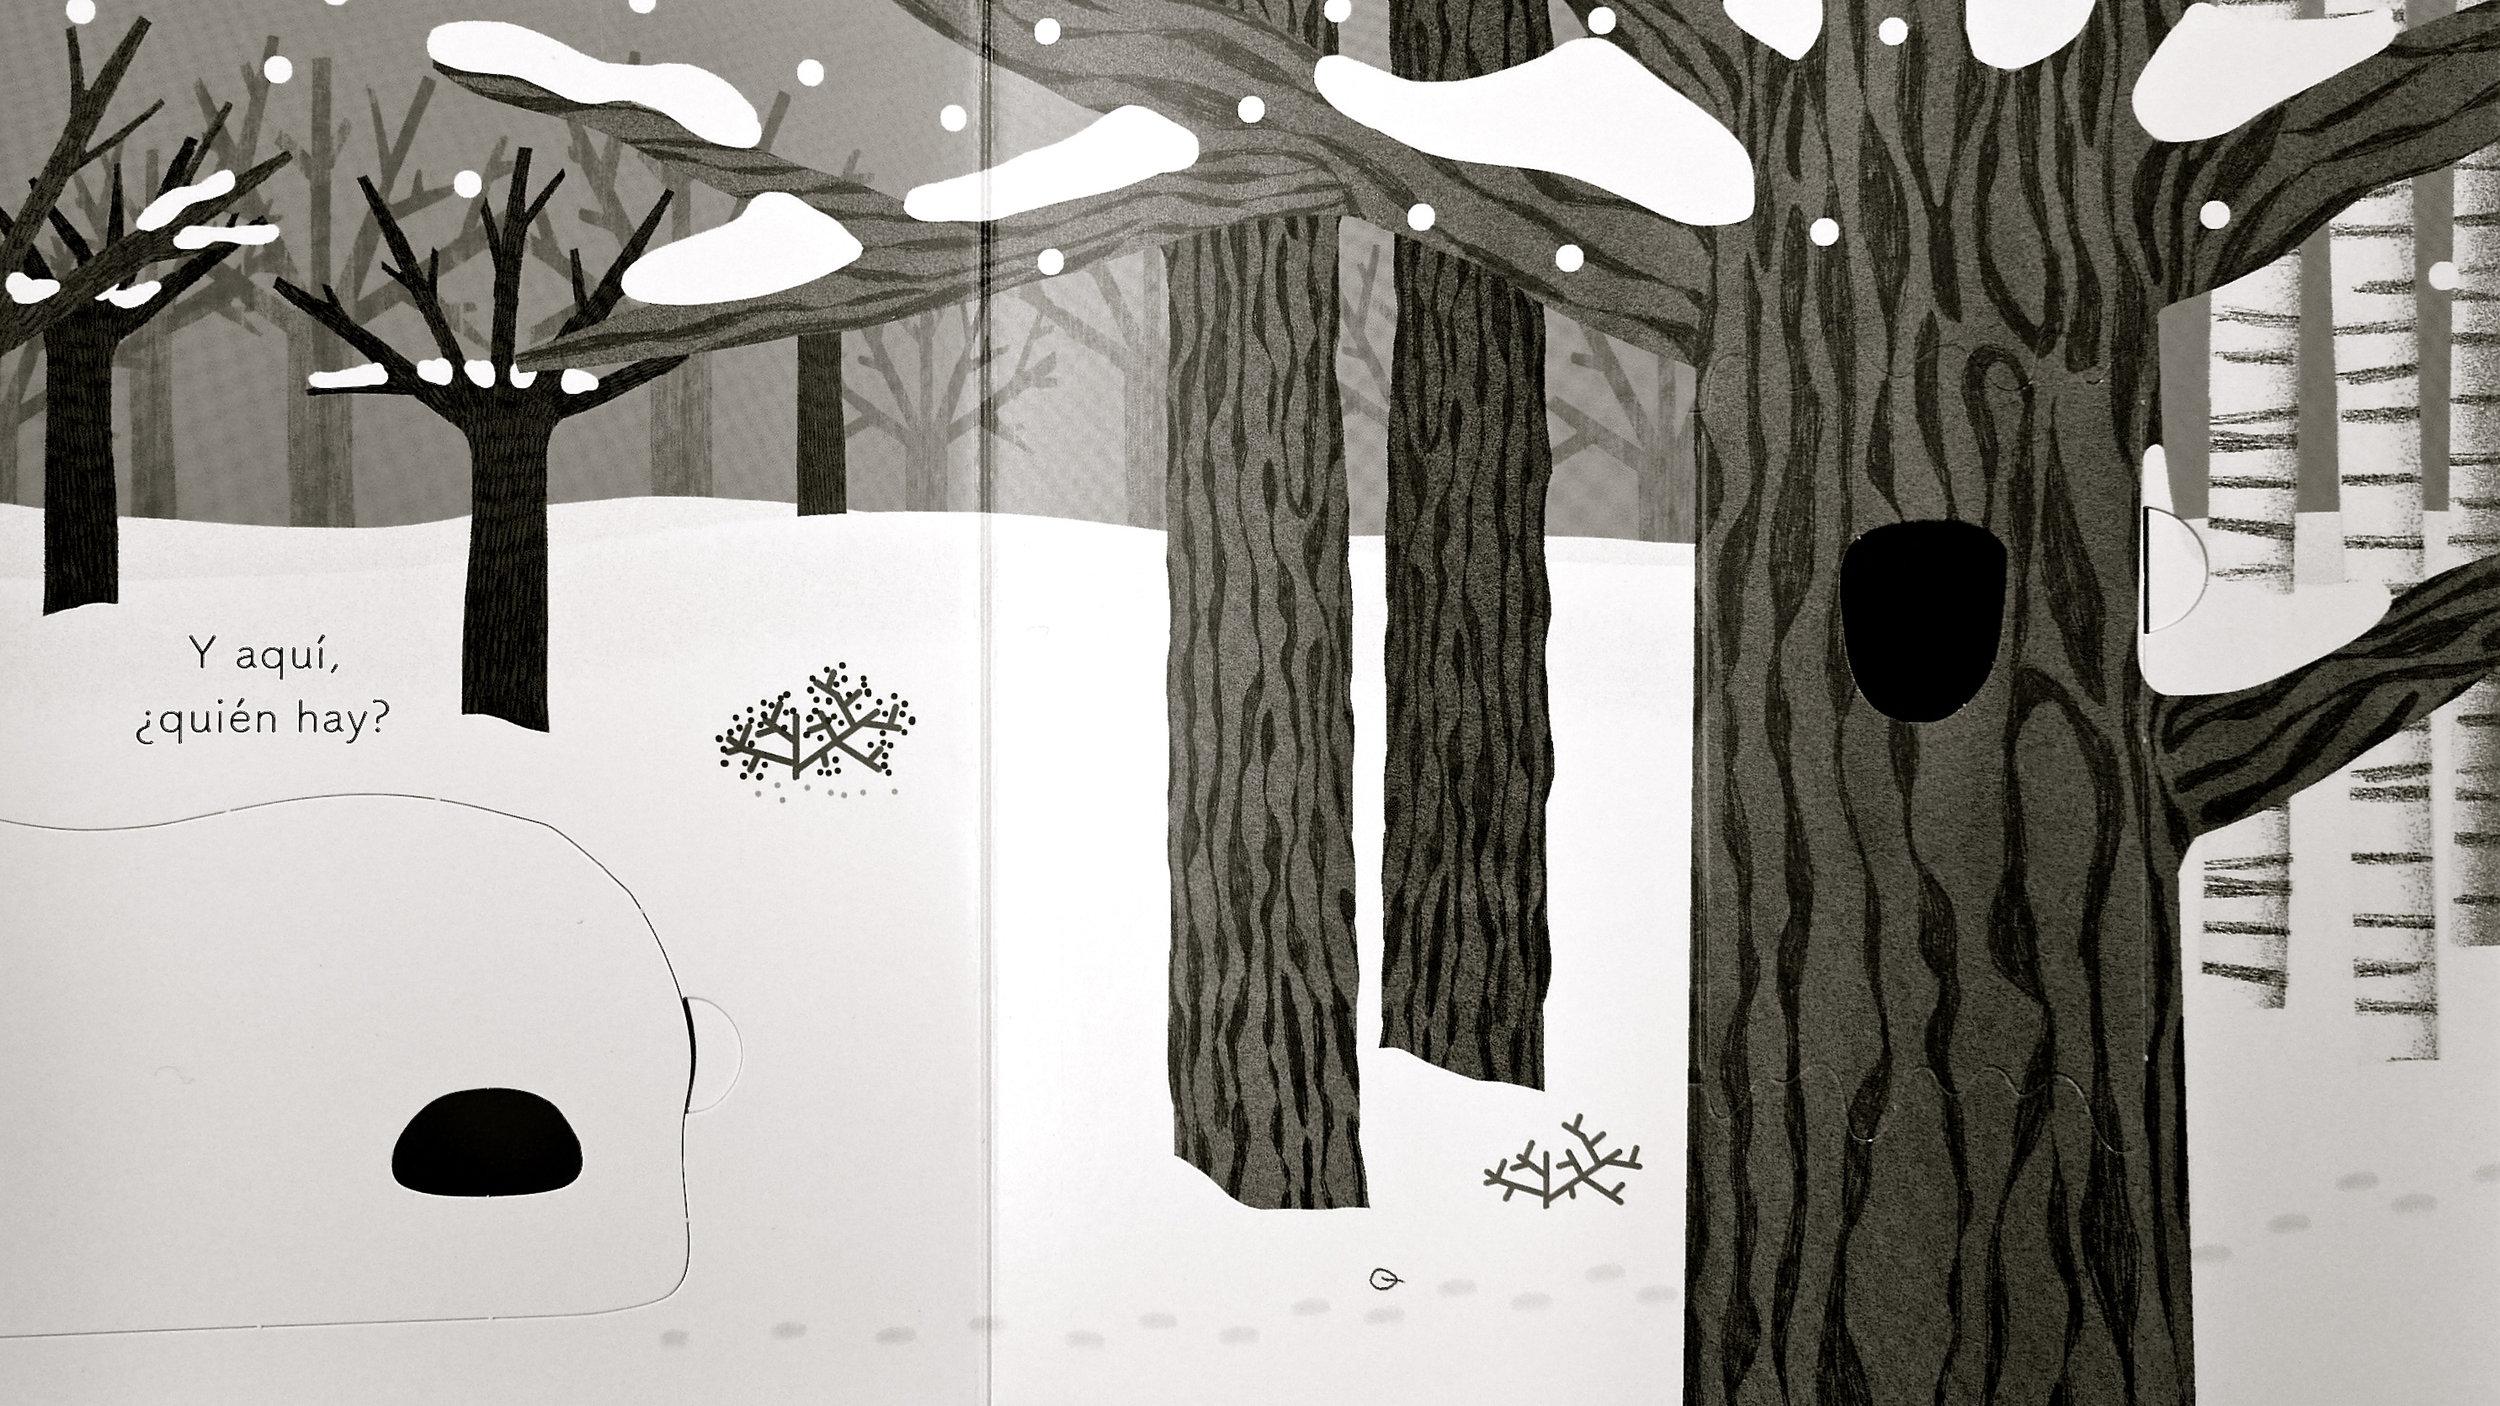 ¿Quién se esconde en el bosque? interior